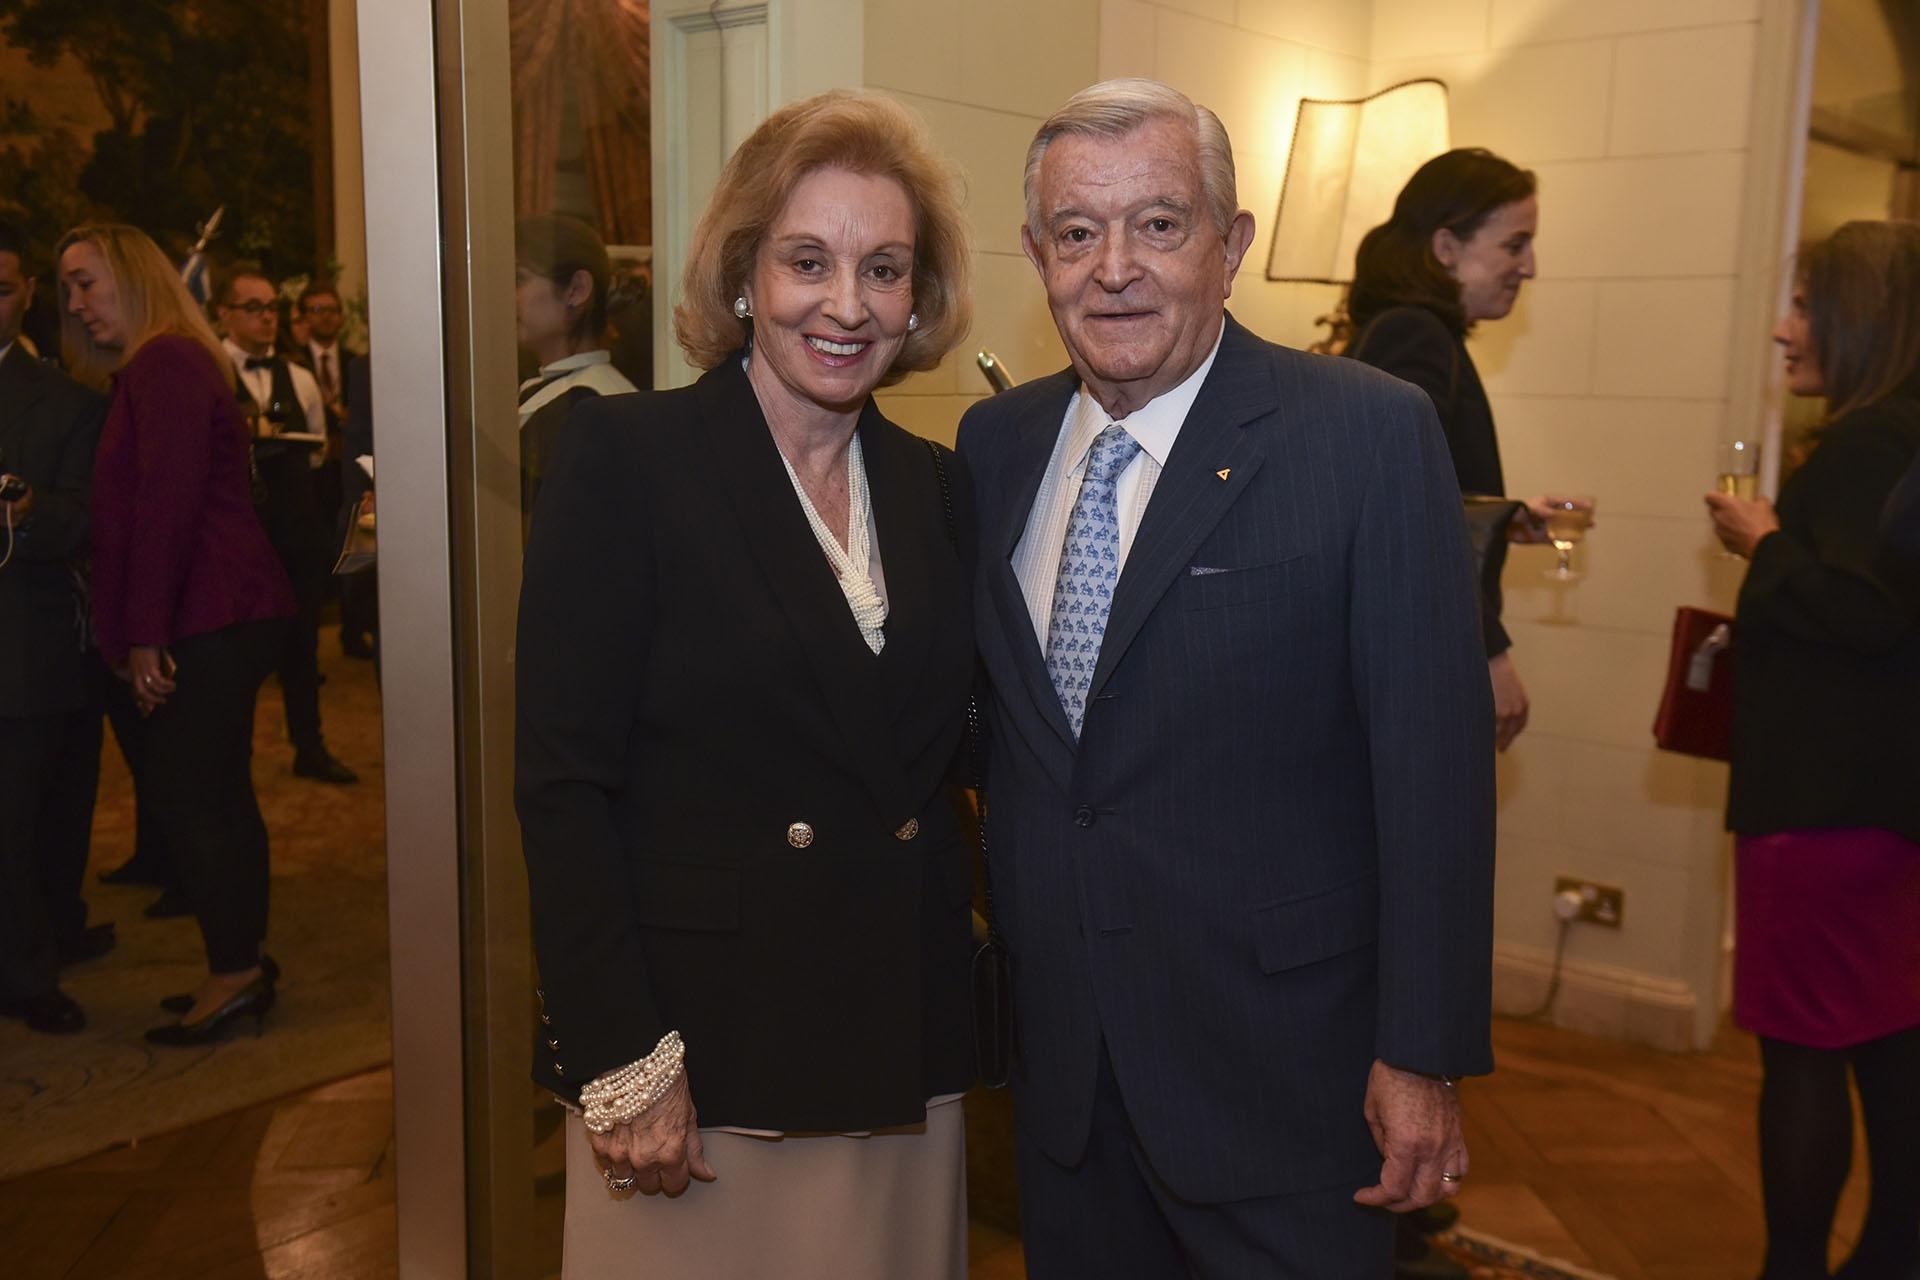 Juan Carlos Bagó y su mujer Miriam. El empresario fue distinguido en la disciplina Empresarios de la Industria